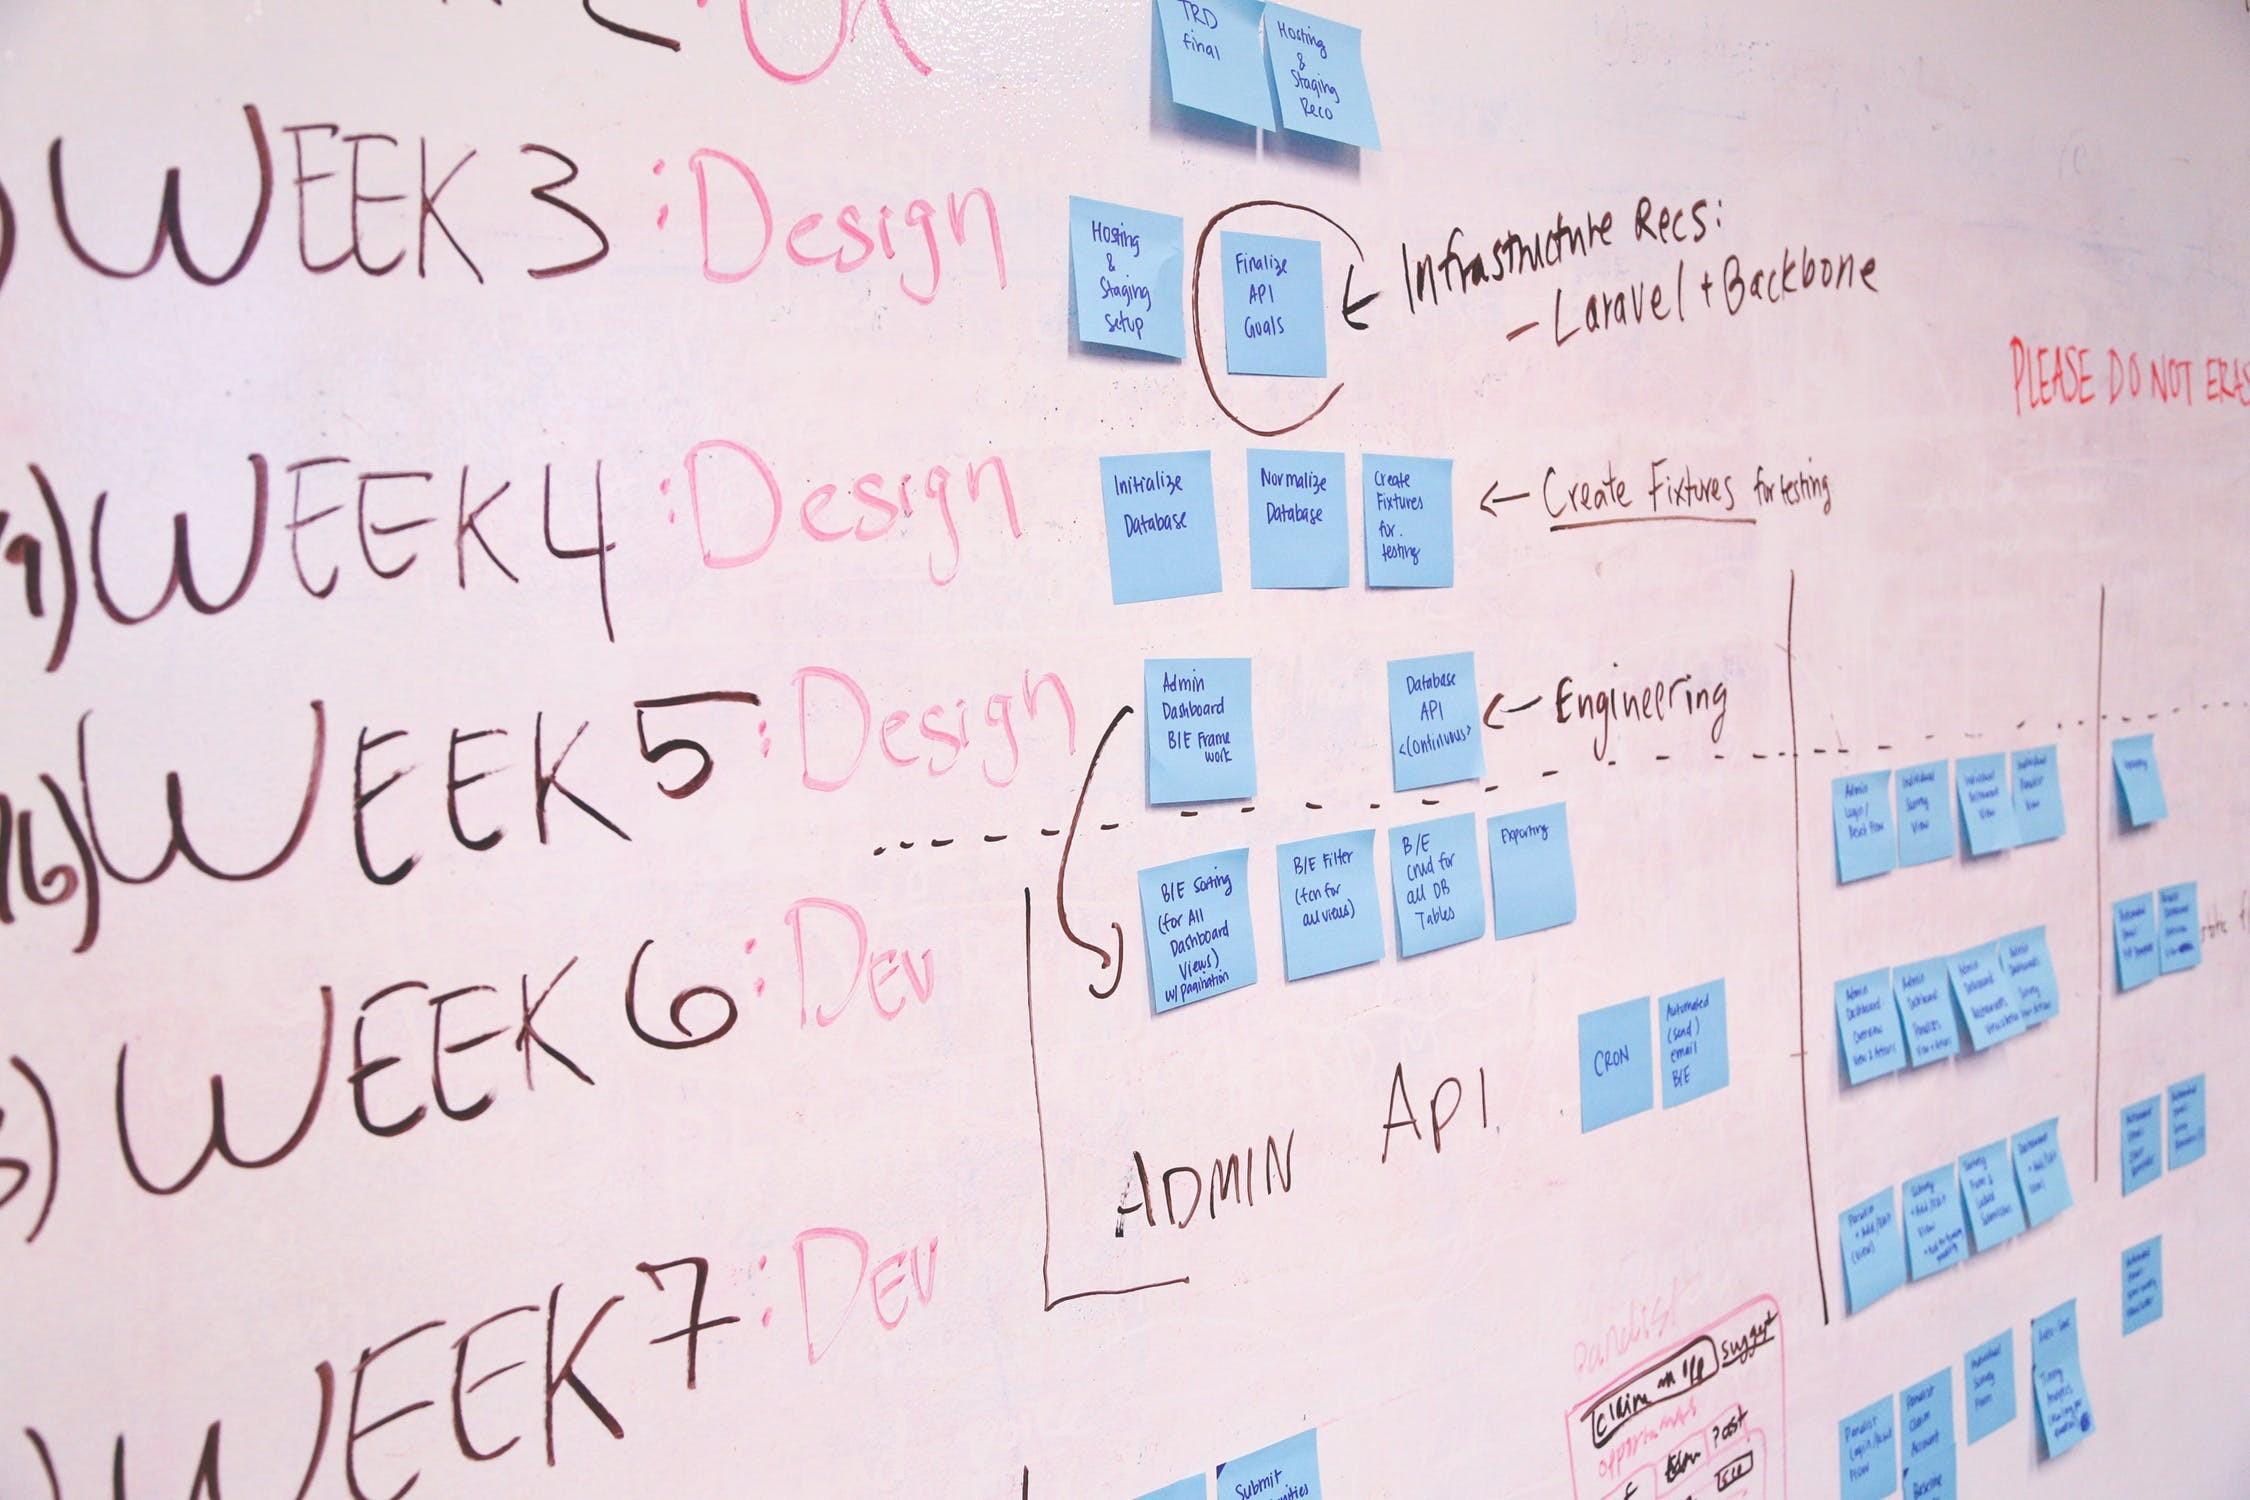 Oprogramowanie komunalne posiada funkcje planistyczne